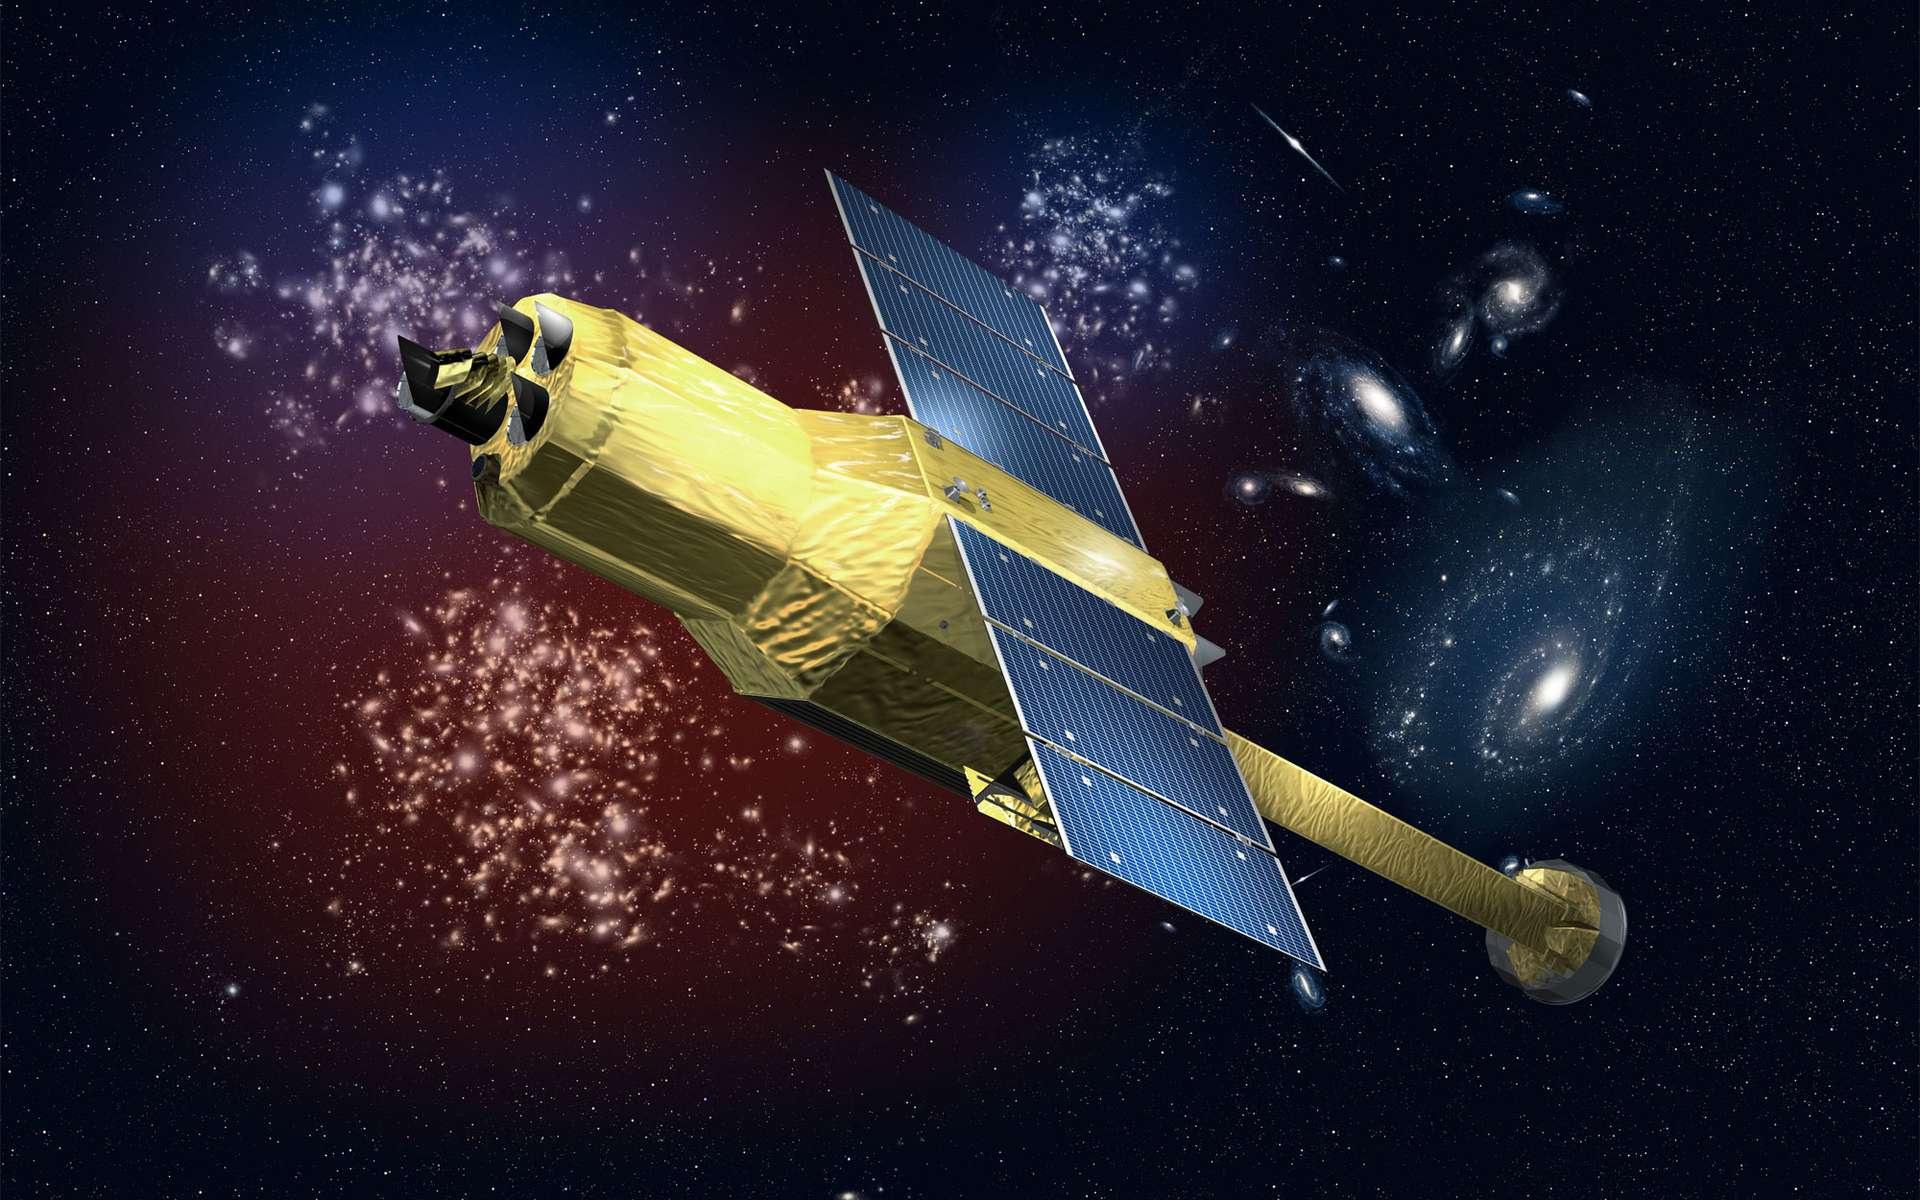 Hitomi a pour objectif scientifique l'observation et l'étude de l'univers chaud et énergétique, notamment l'étude des grandes structures de l'univers dont le gaz chaud situé dans les amas de galaxies et son interaction avec la matière noire. © Jaxa